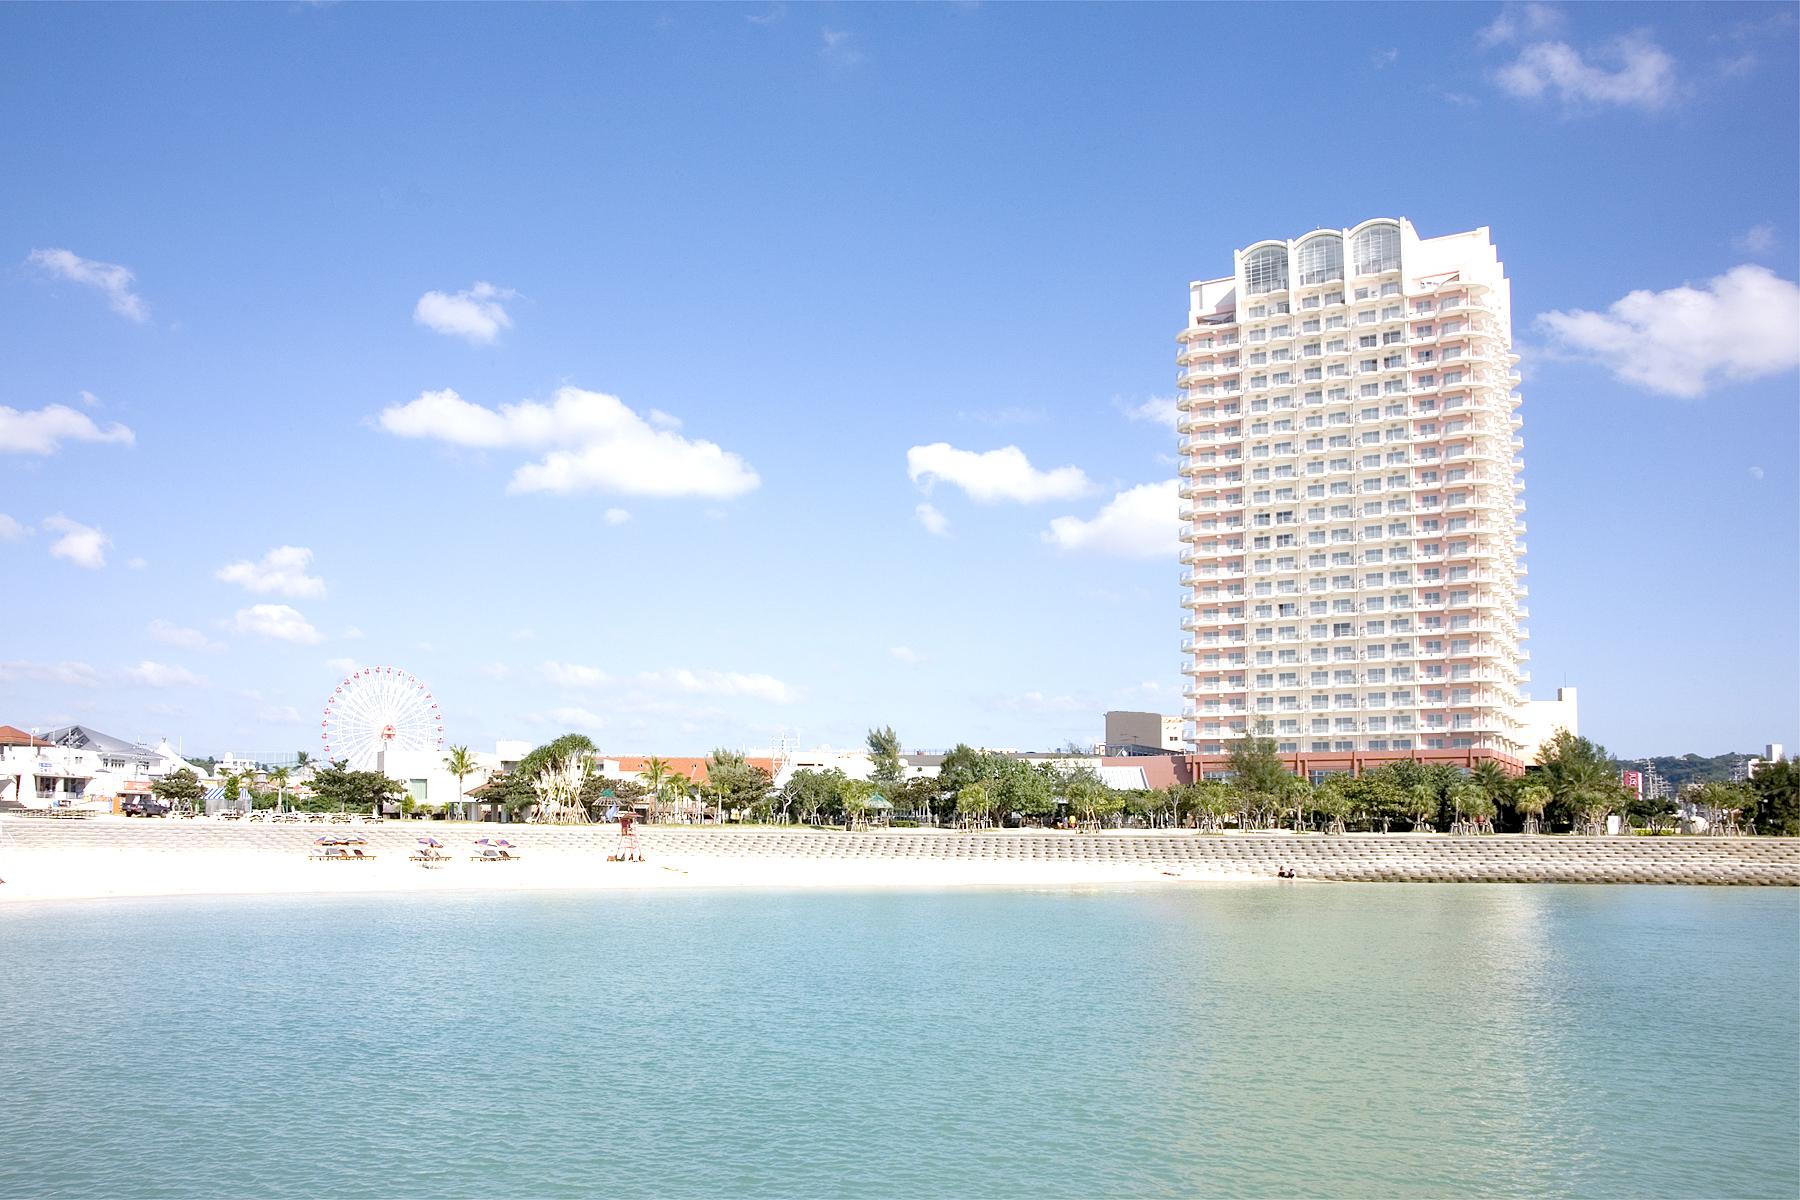 ホテル目の前には地元の人や外国人にも人気の「サンセットビーチ」